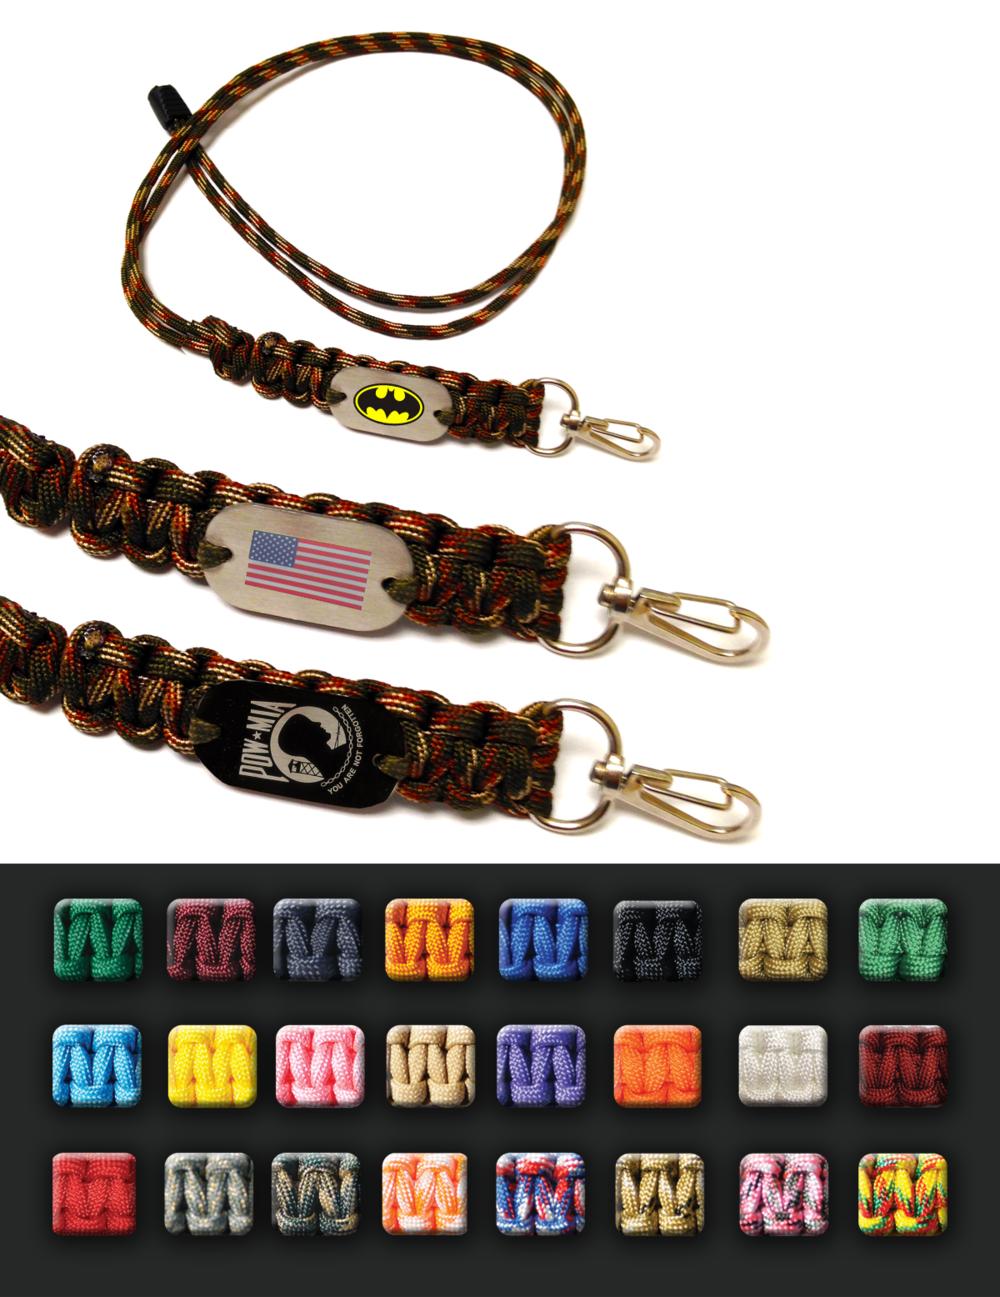 paracord bracelets07.png